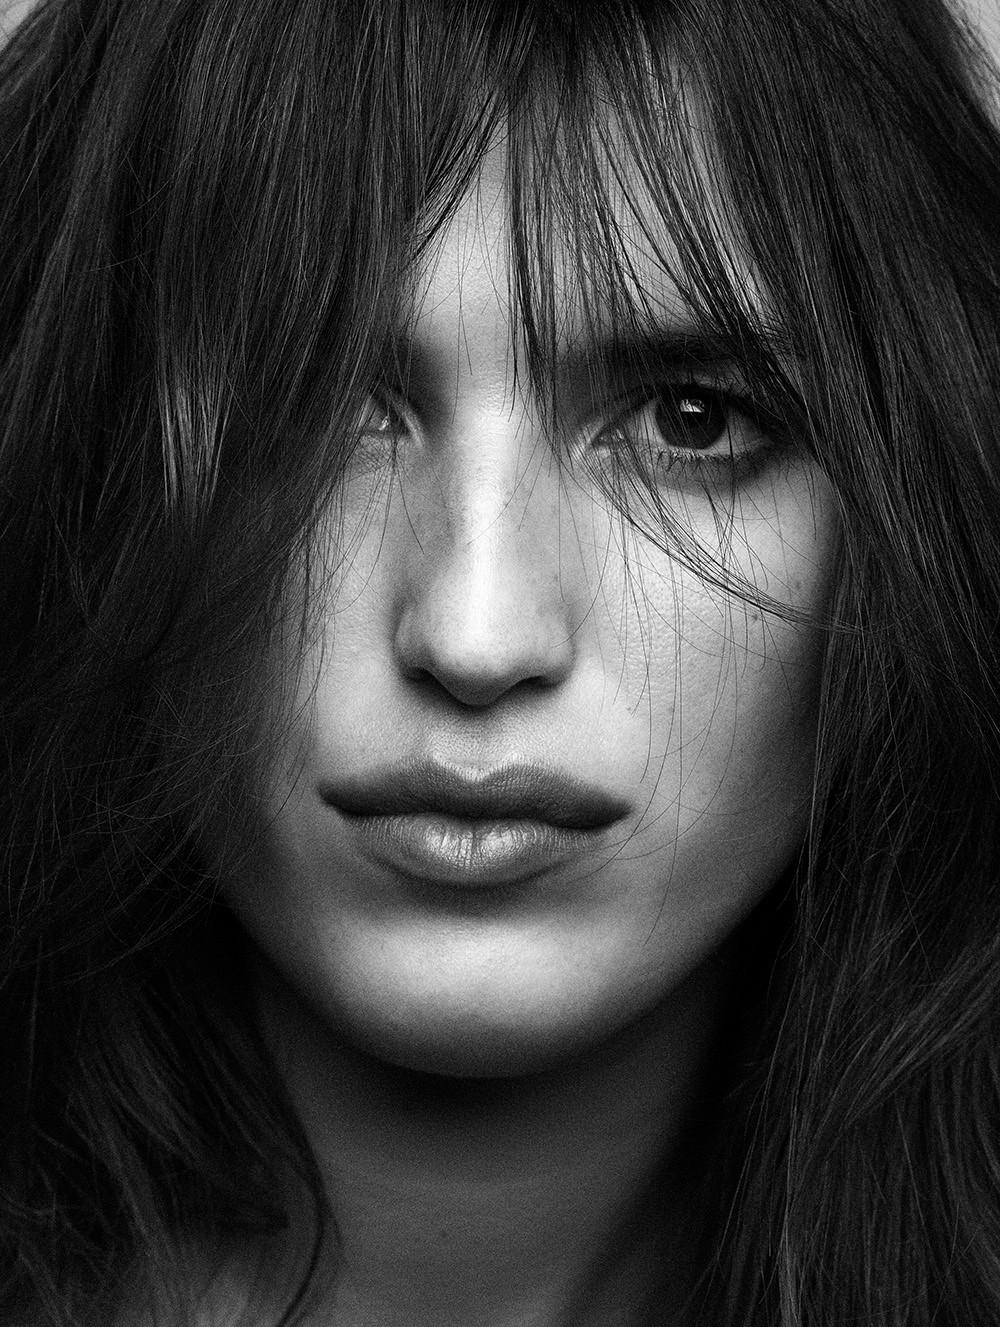 Jeanne Damas/L'Officiel